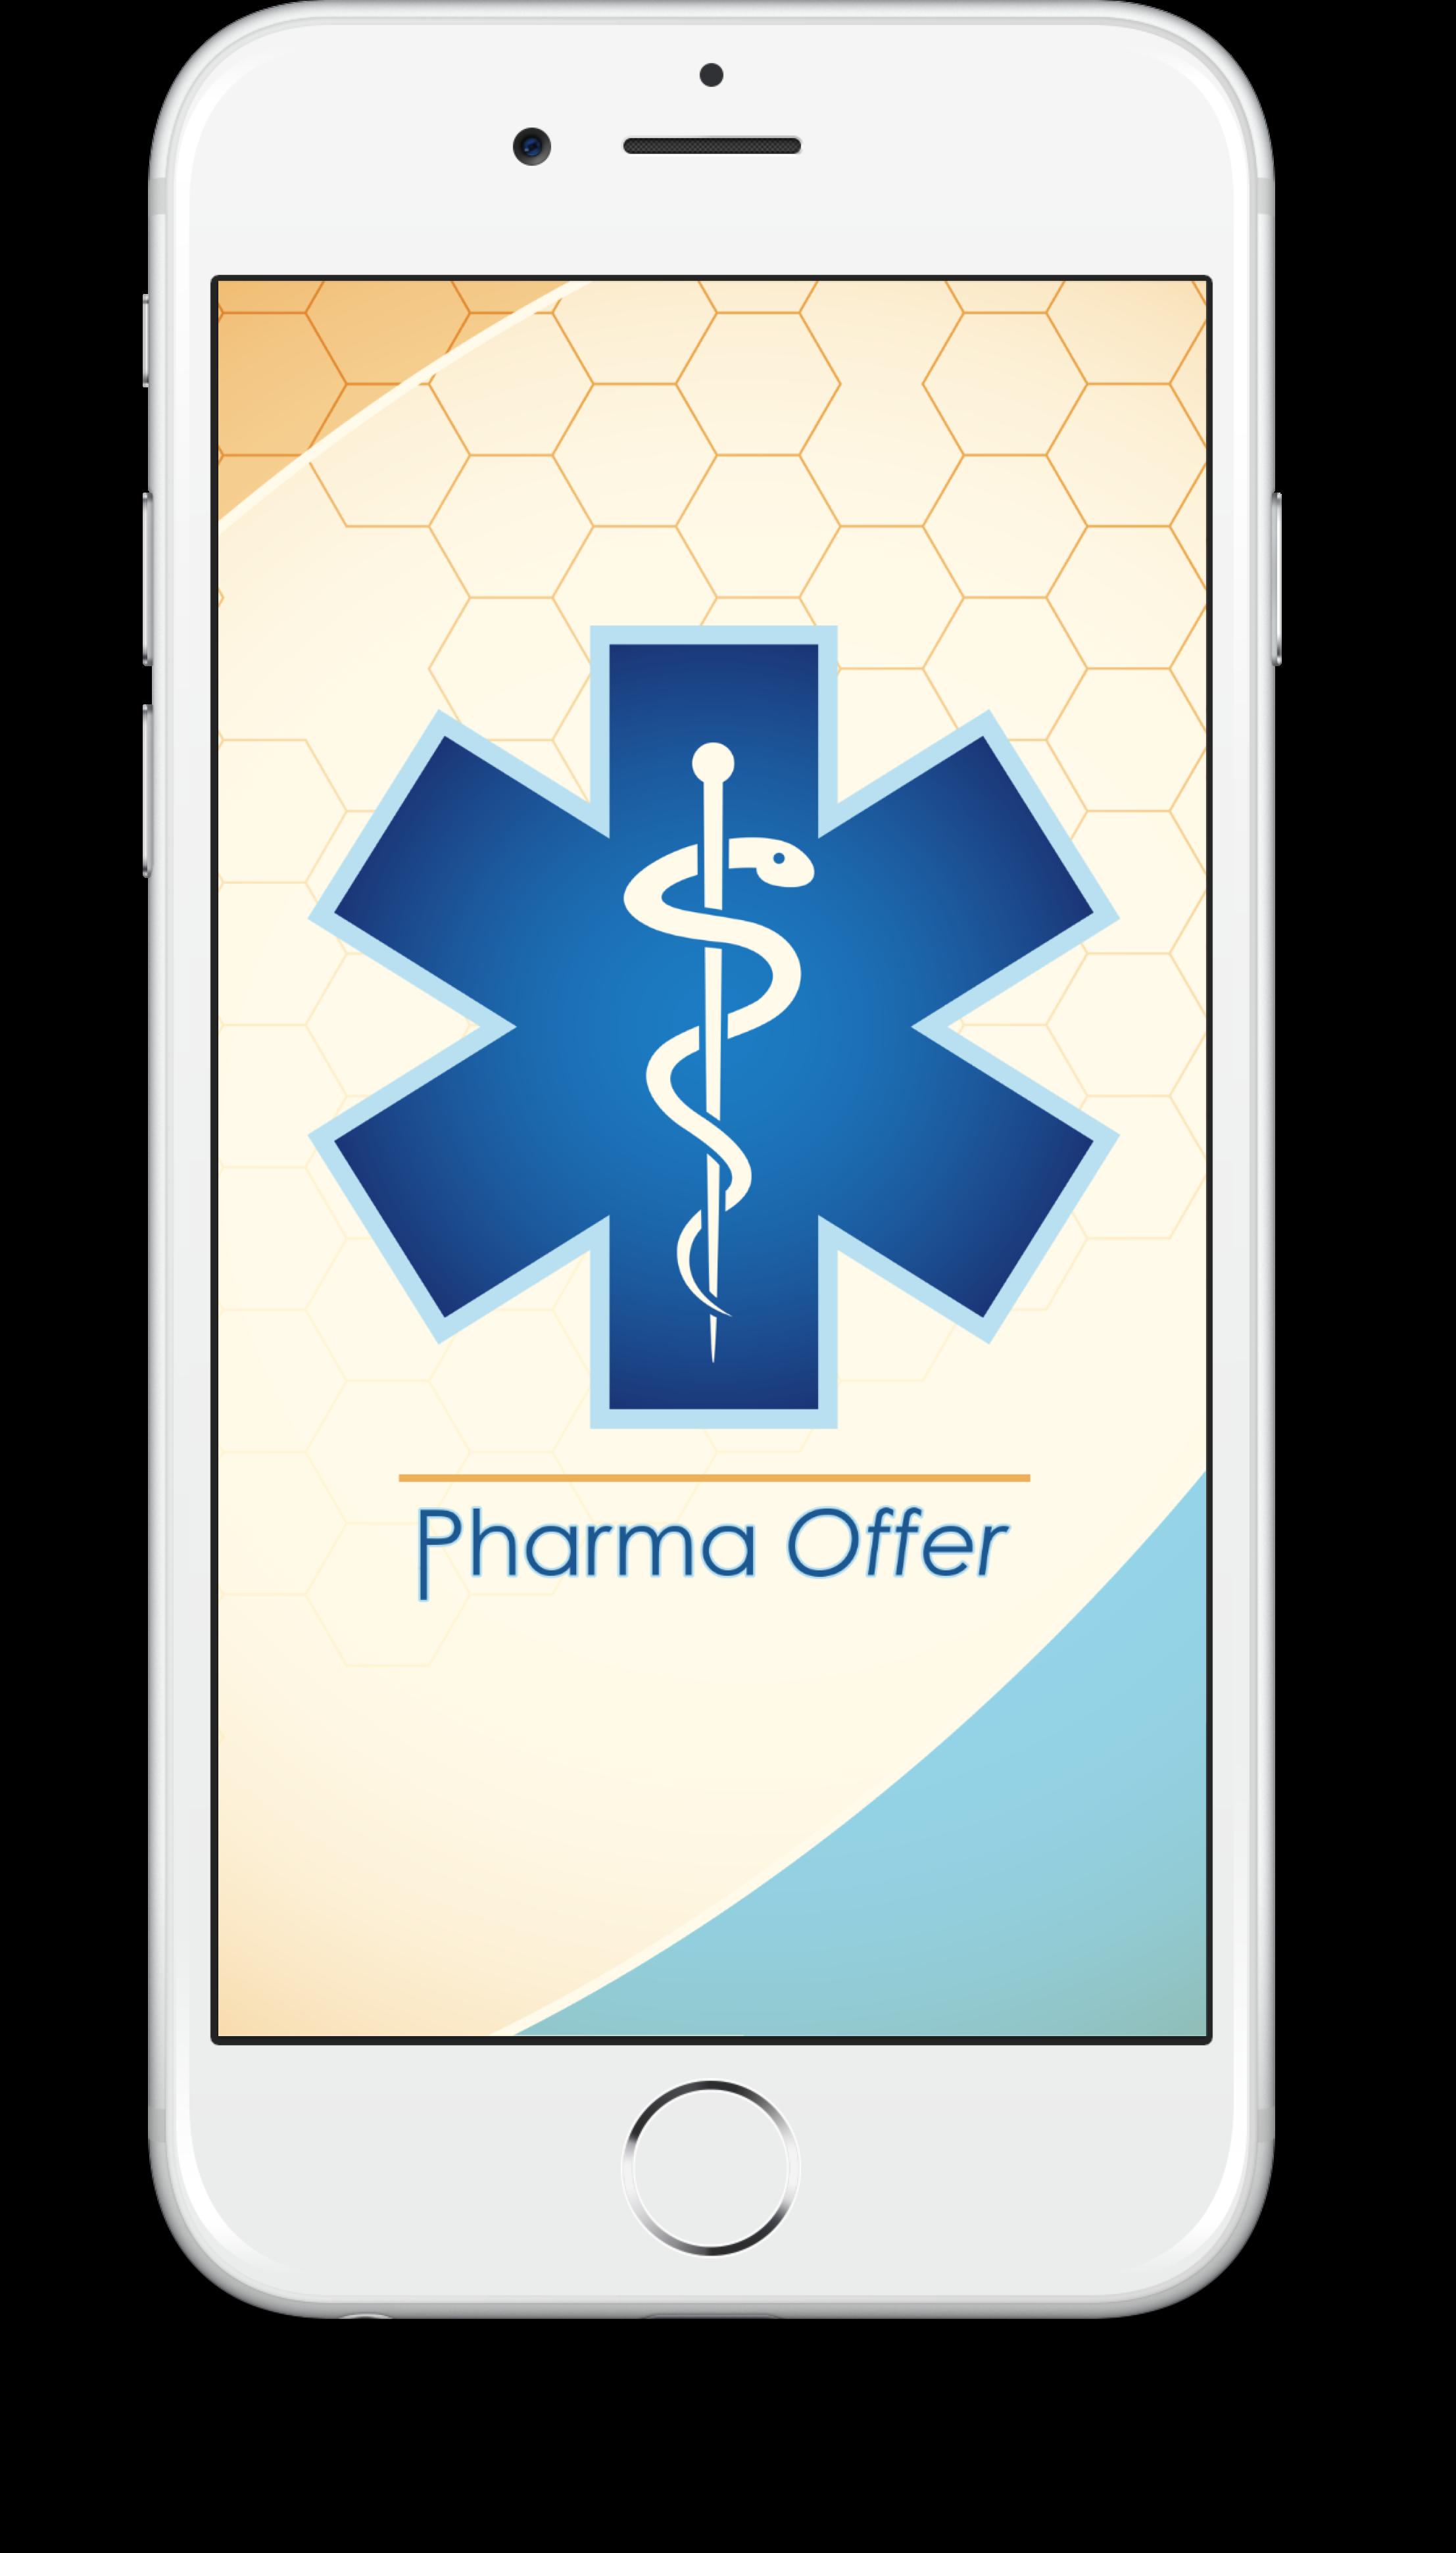 Pharma Offer